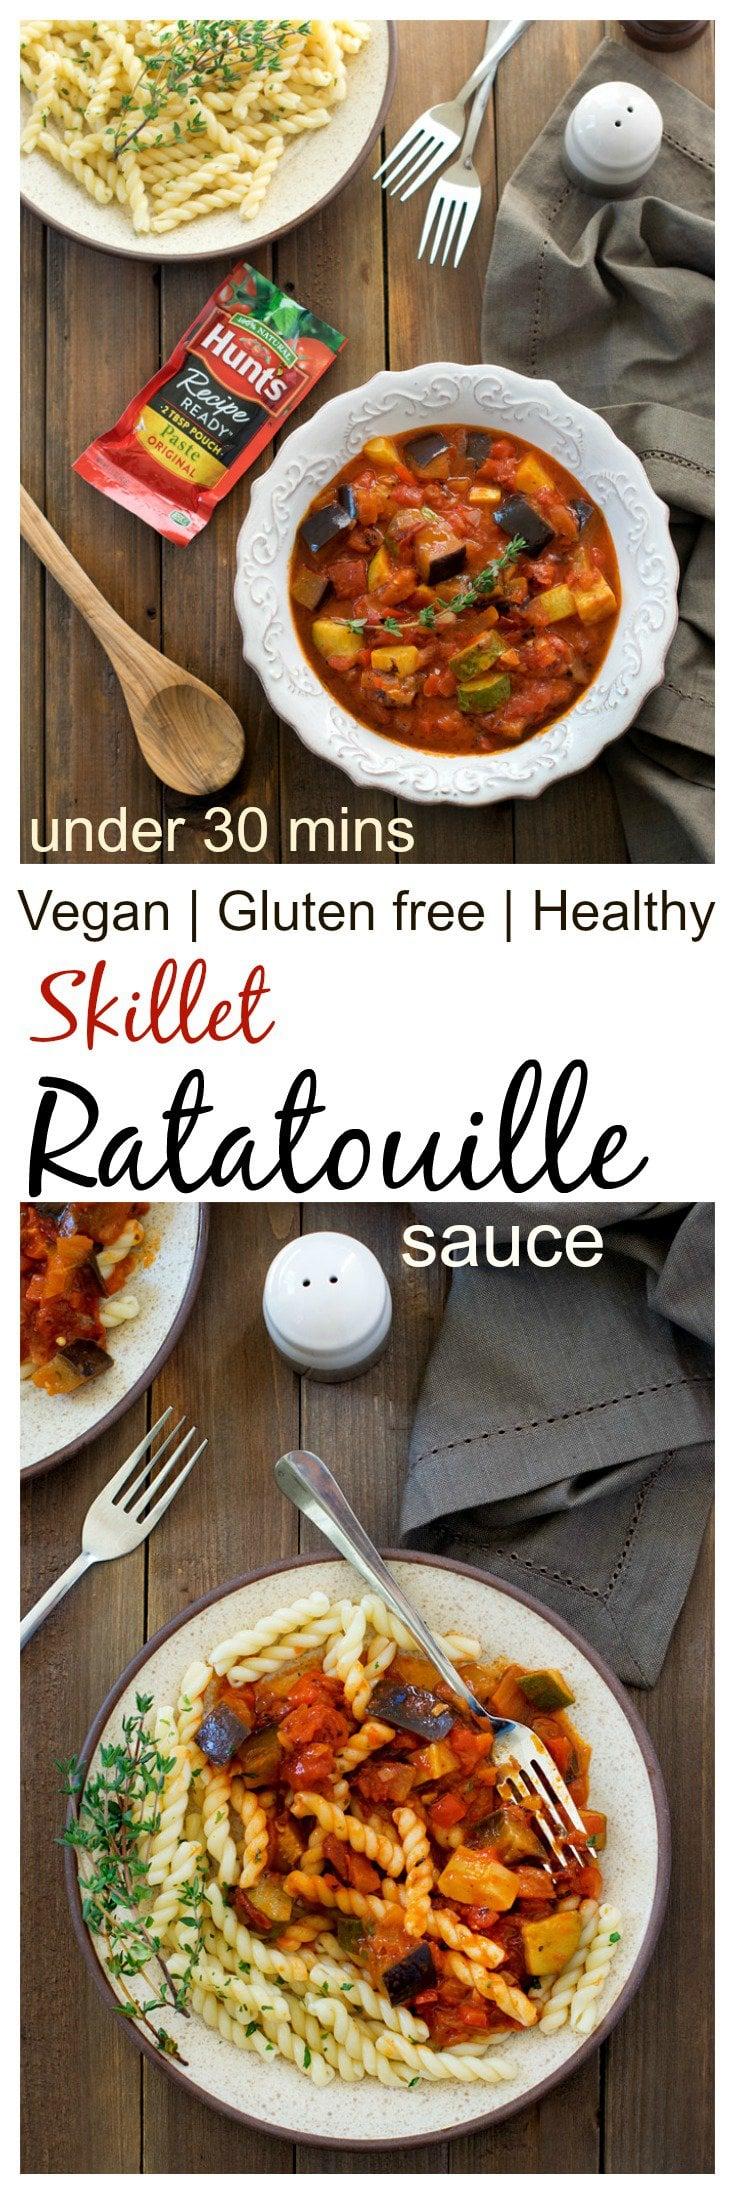 skillet-ratatouille-sauce-vegan-glutenfree